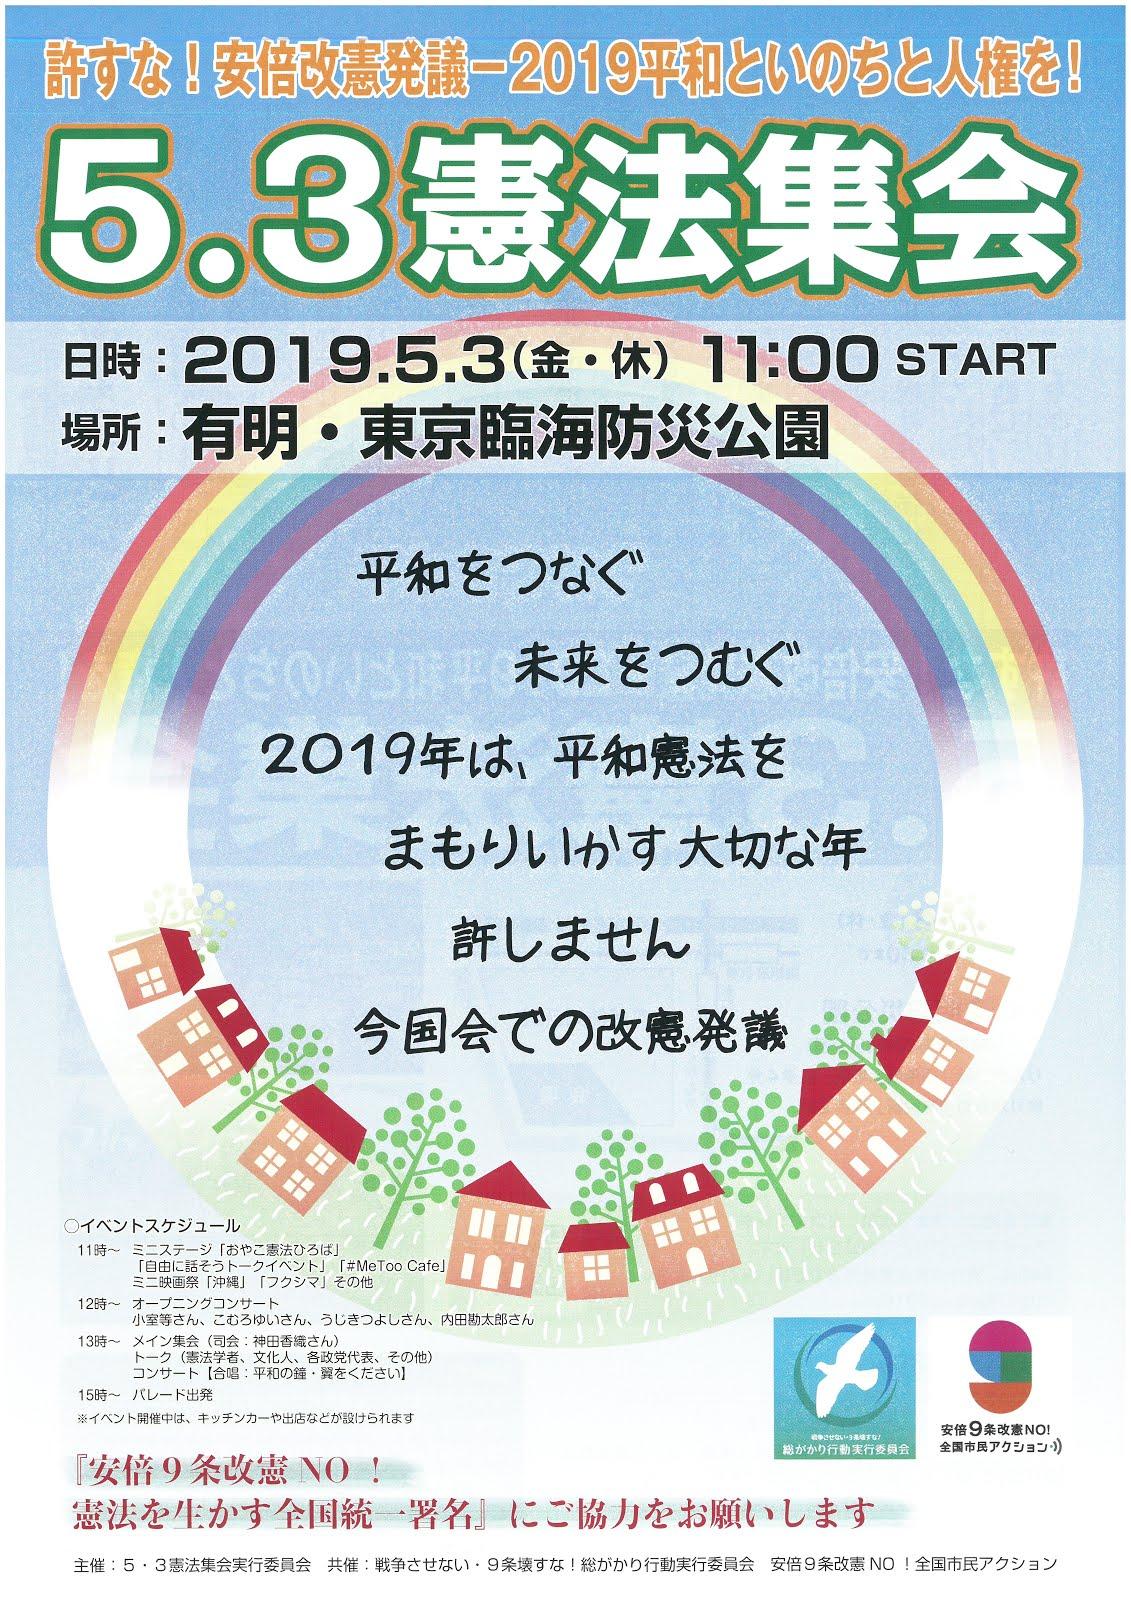 憲法集会 5月3日 11:00スタート 有明・東京臨海防災公園